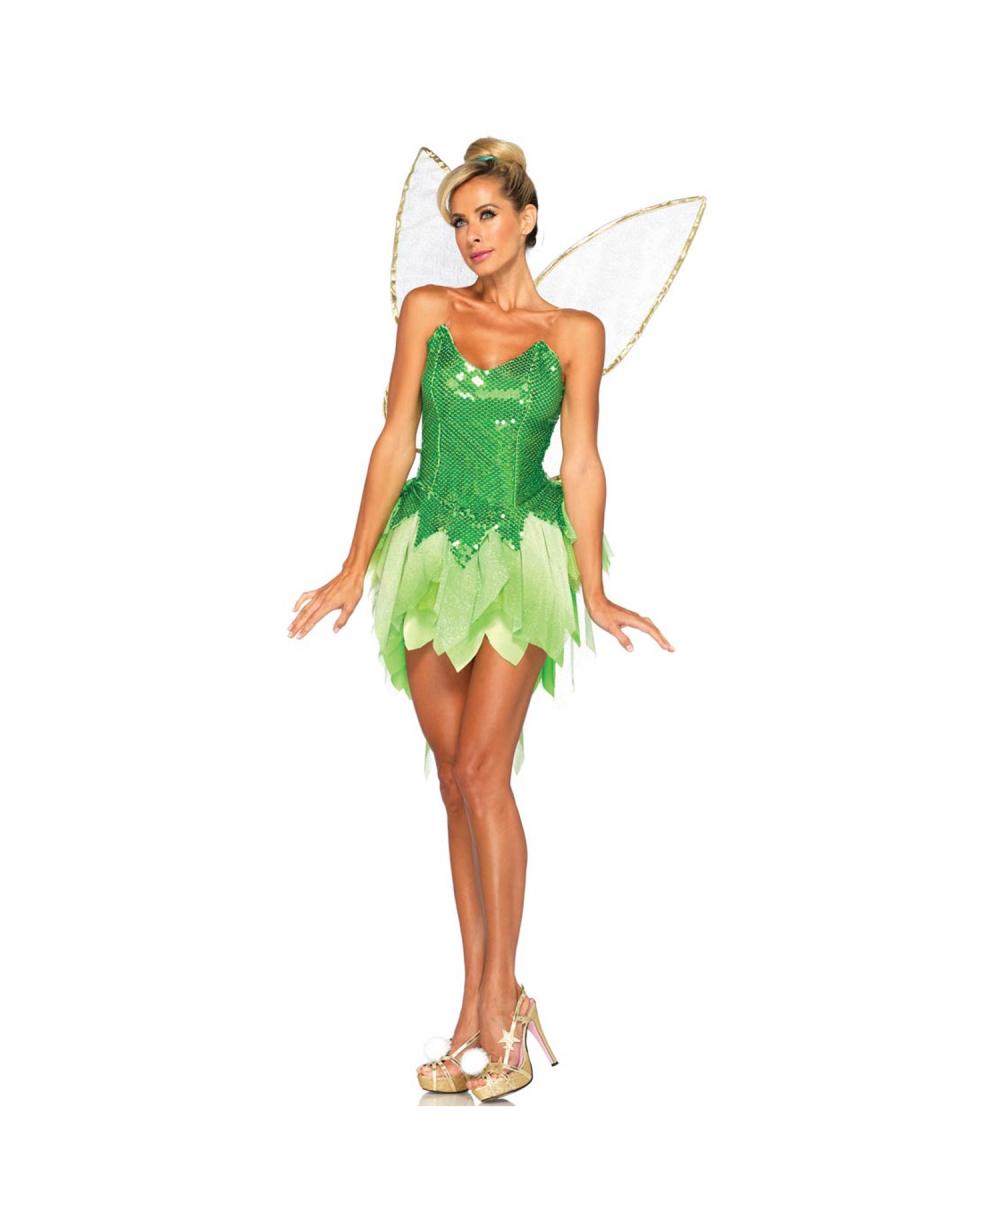 b4c182137 Deluxe Tinker Bell Womens Costume Sc 1 St Meningrey